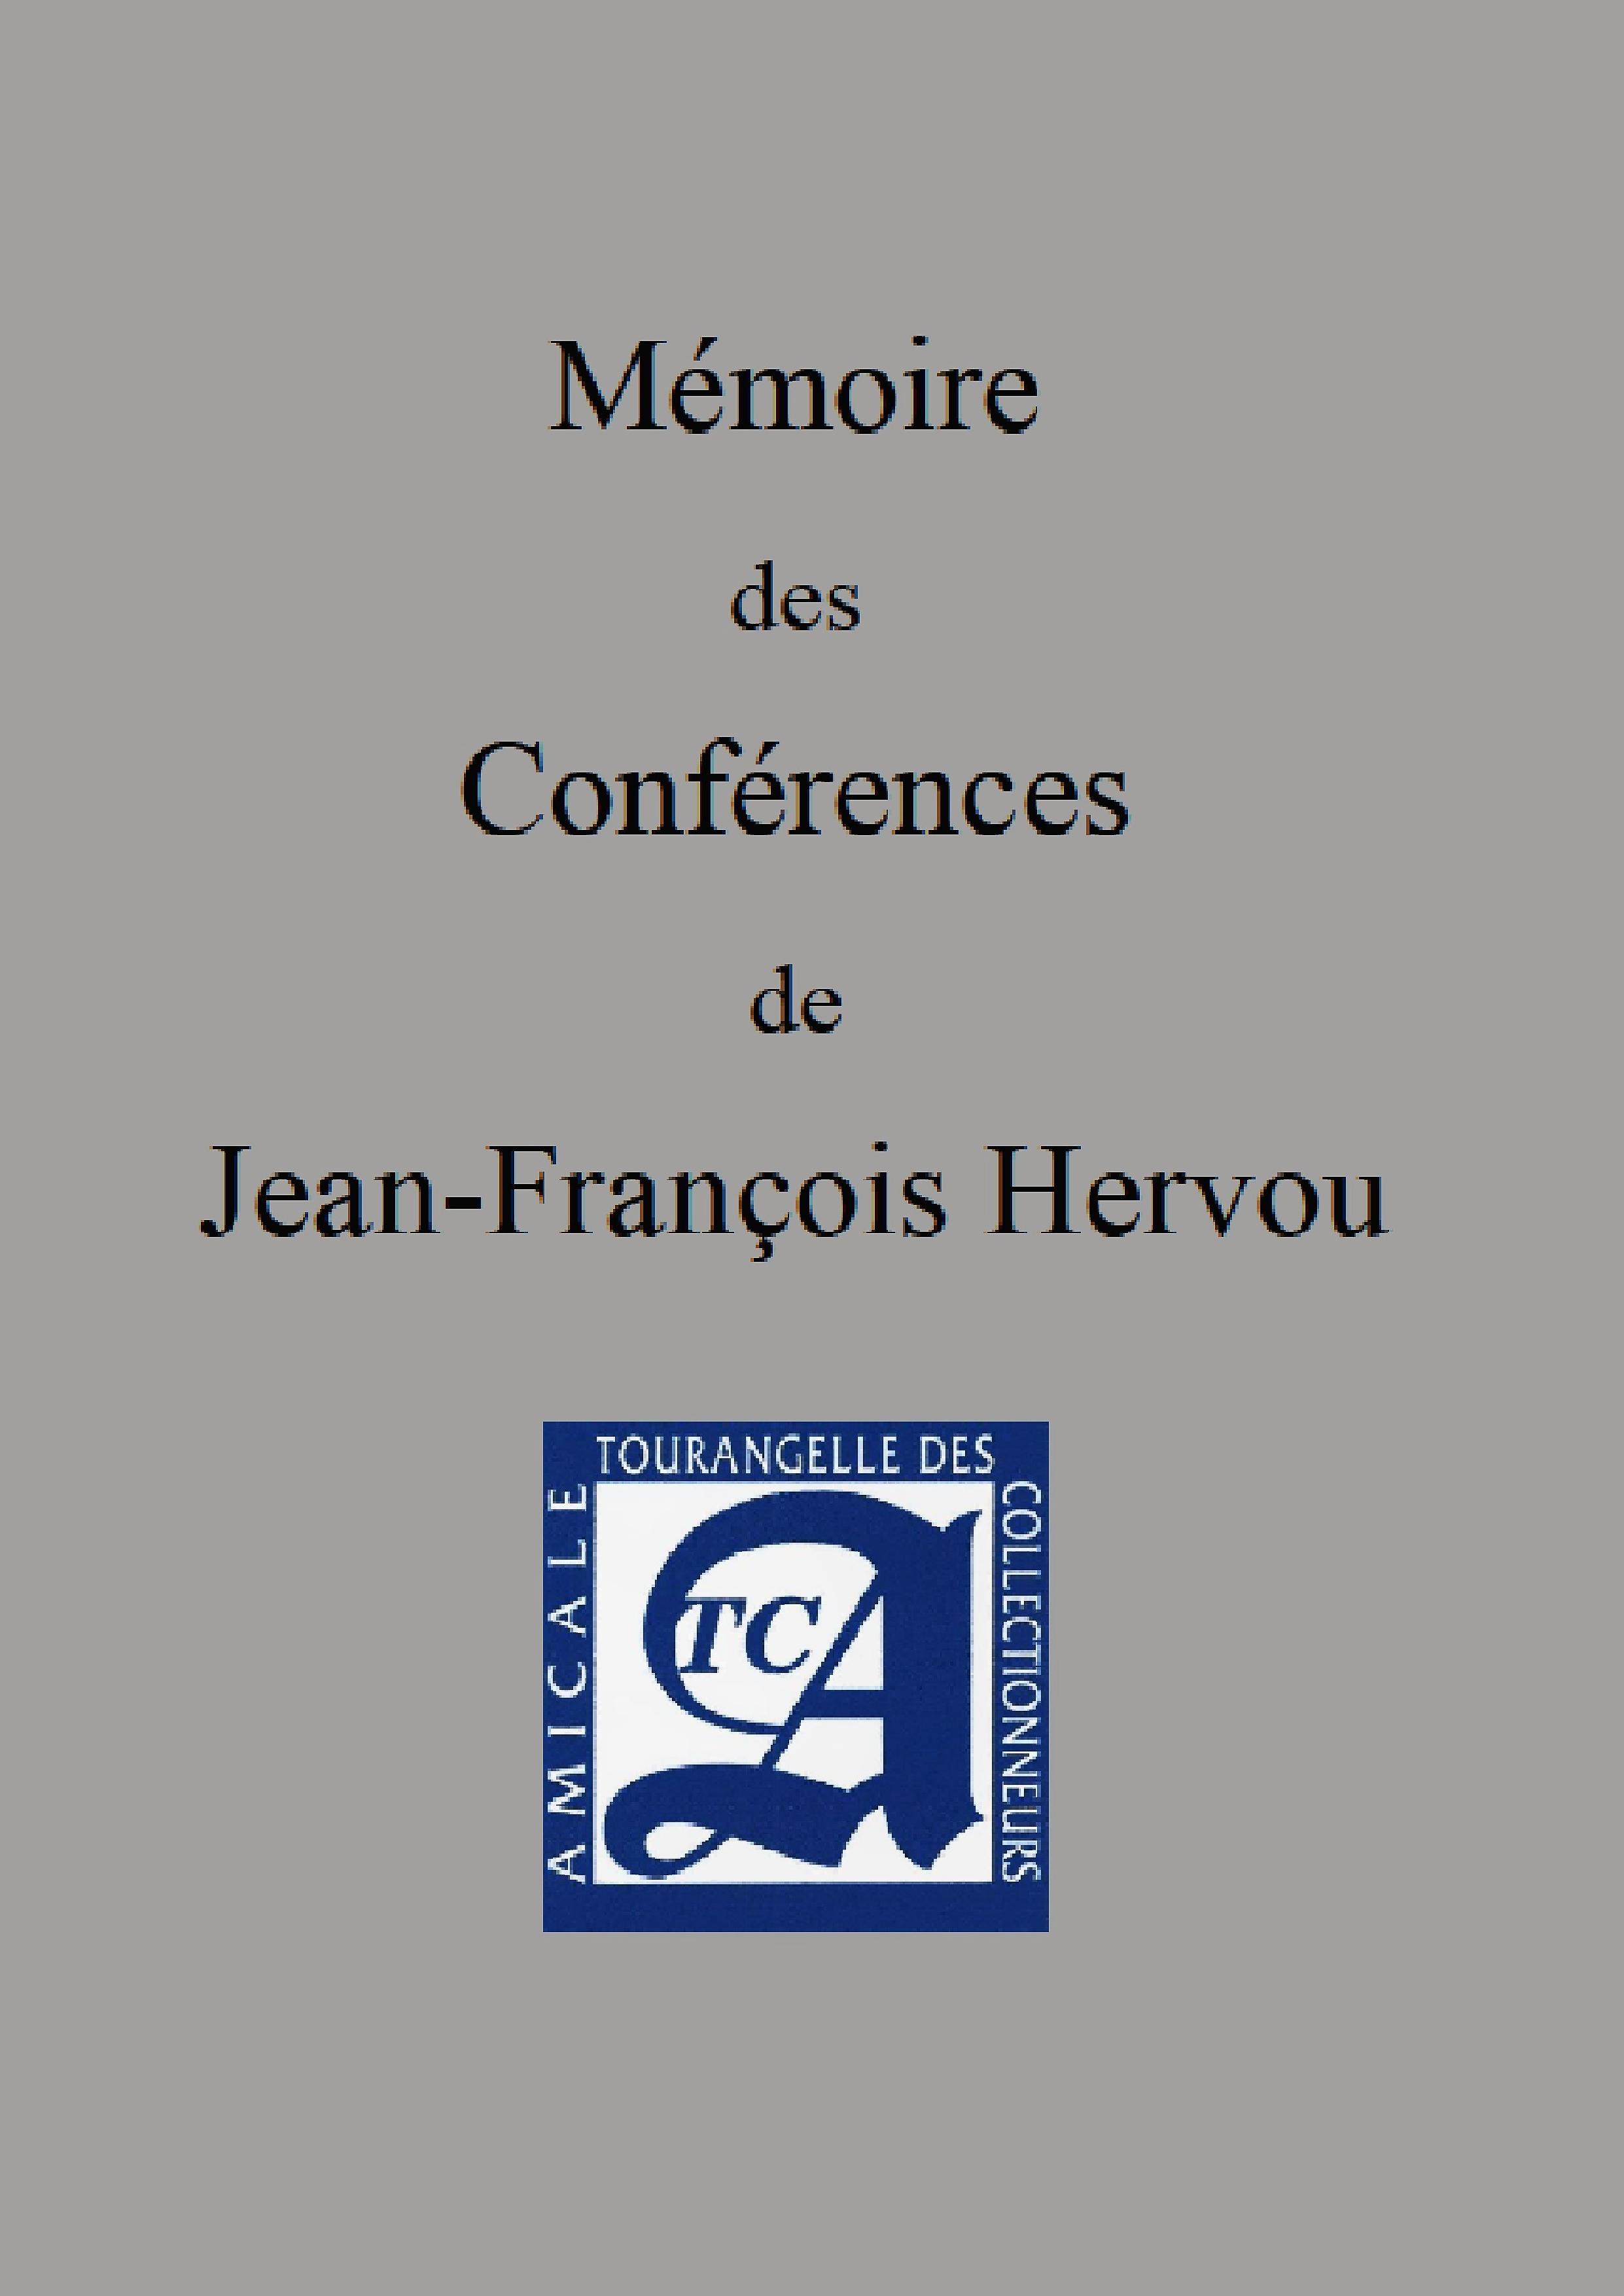 Mémoire des Conférences de J.H. HERVOU